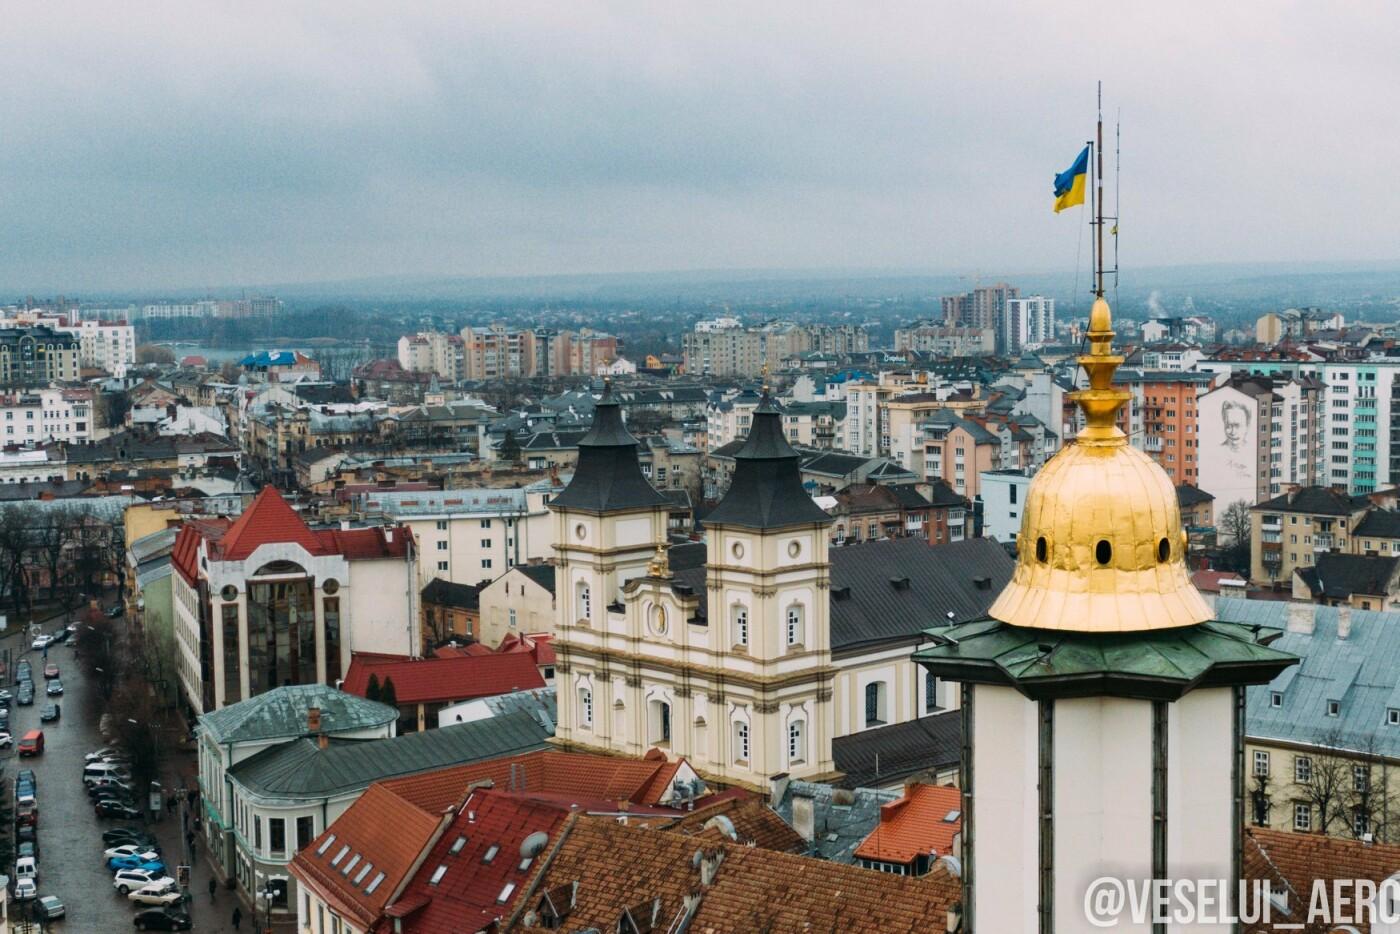 Фотограф поділився світлинами ратуші з висоти., фото-3